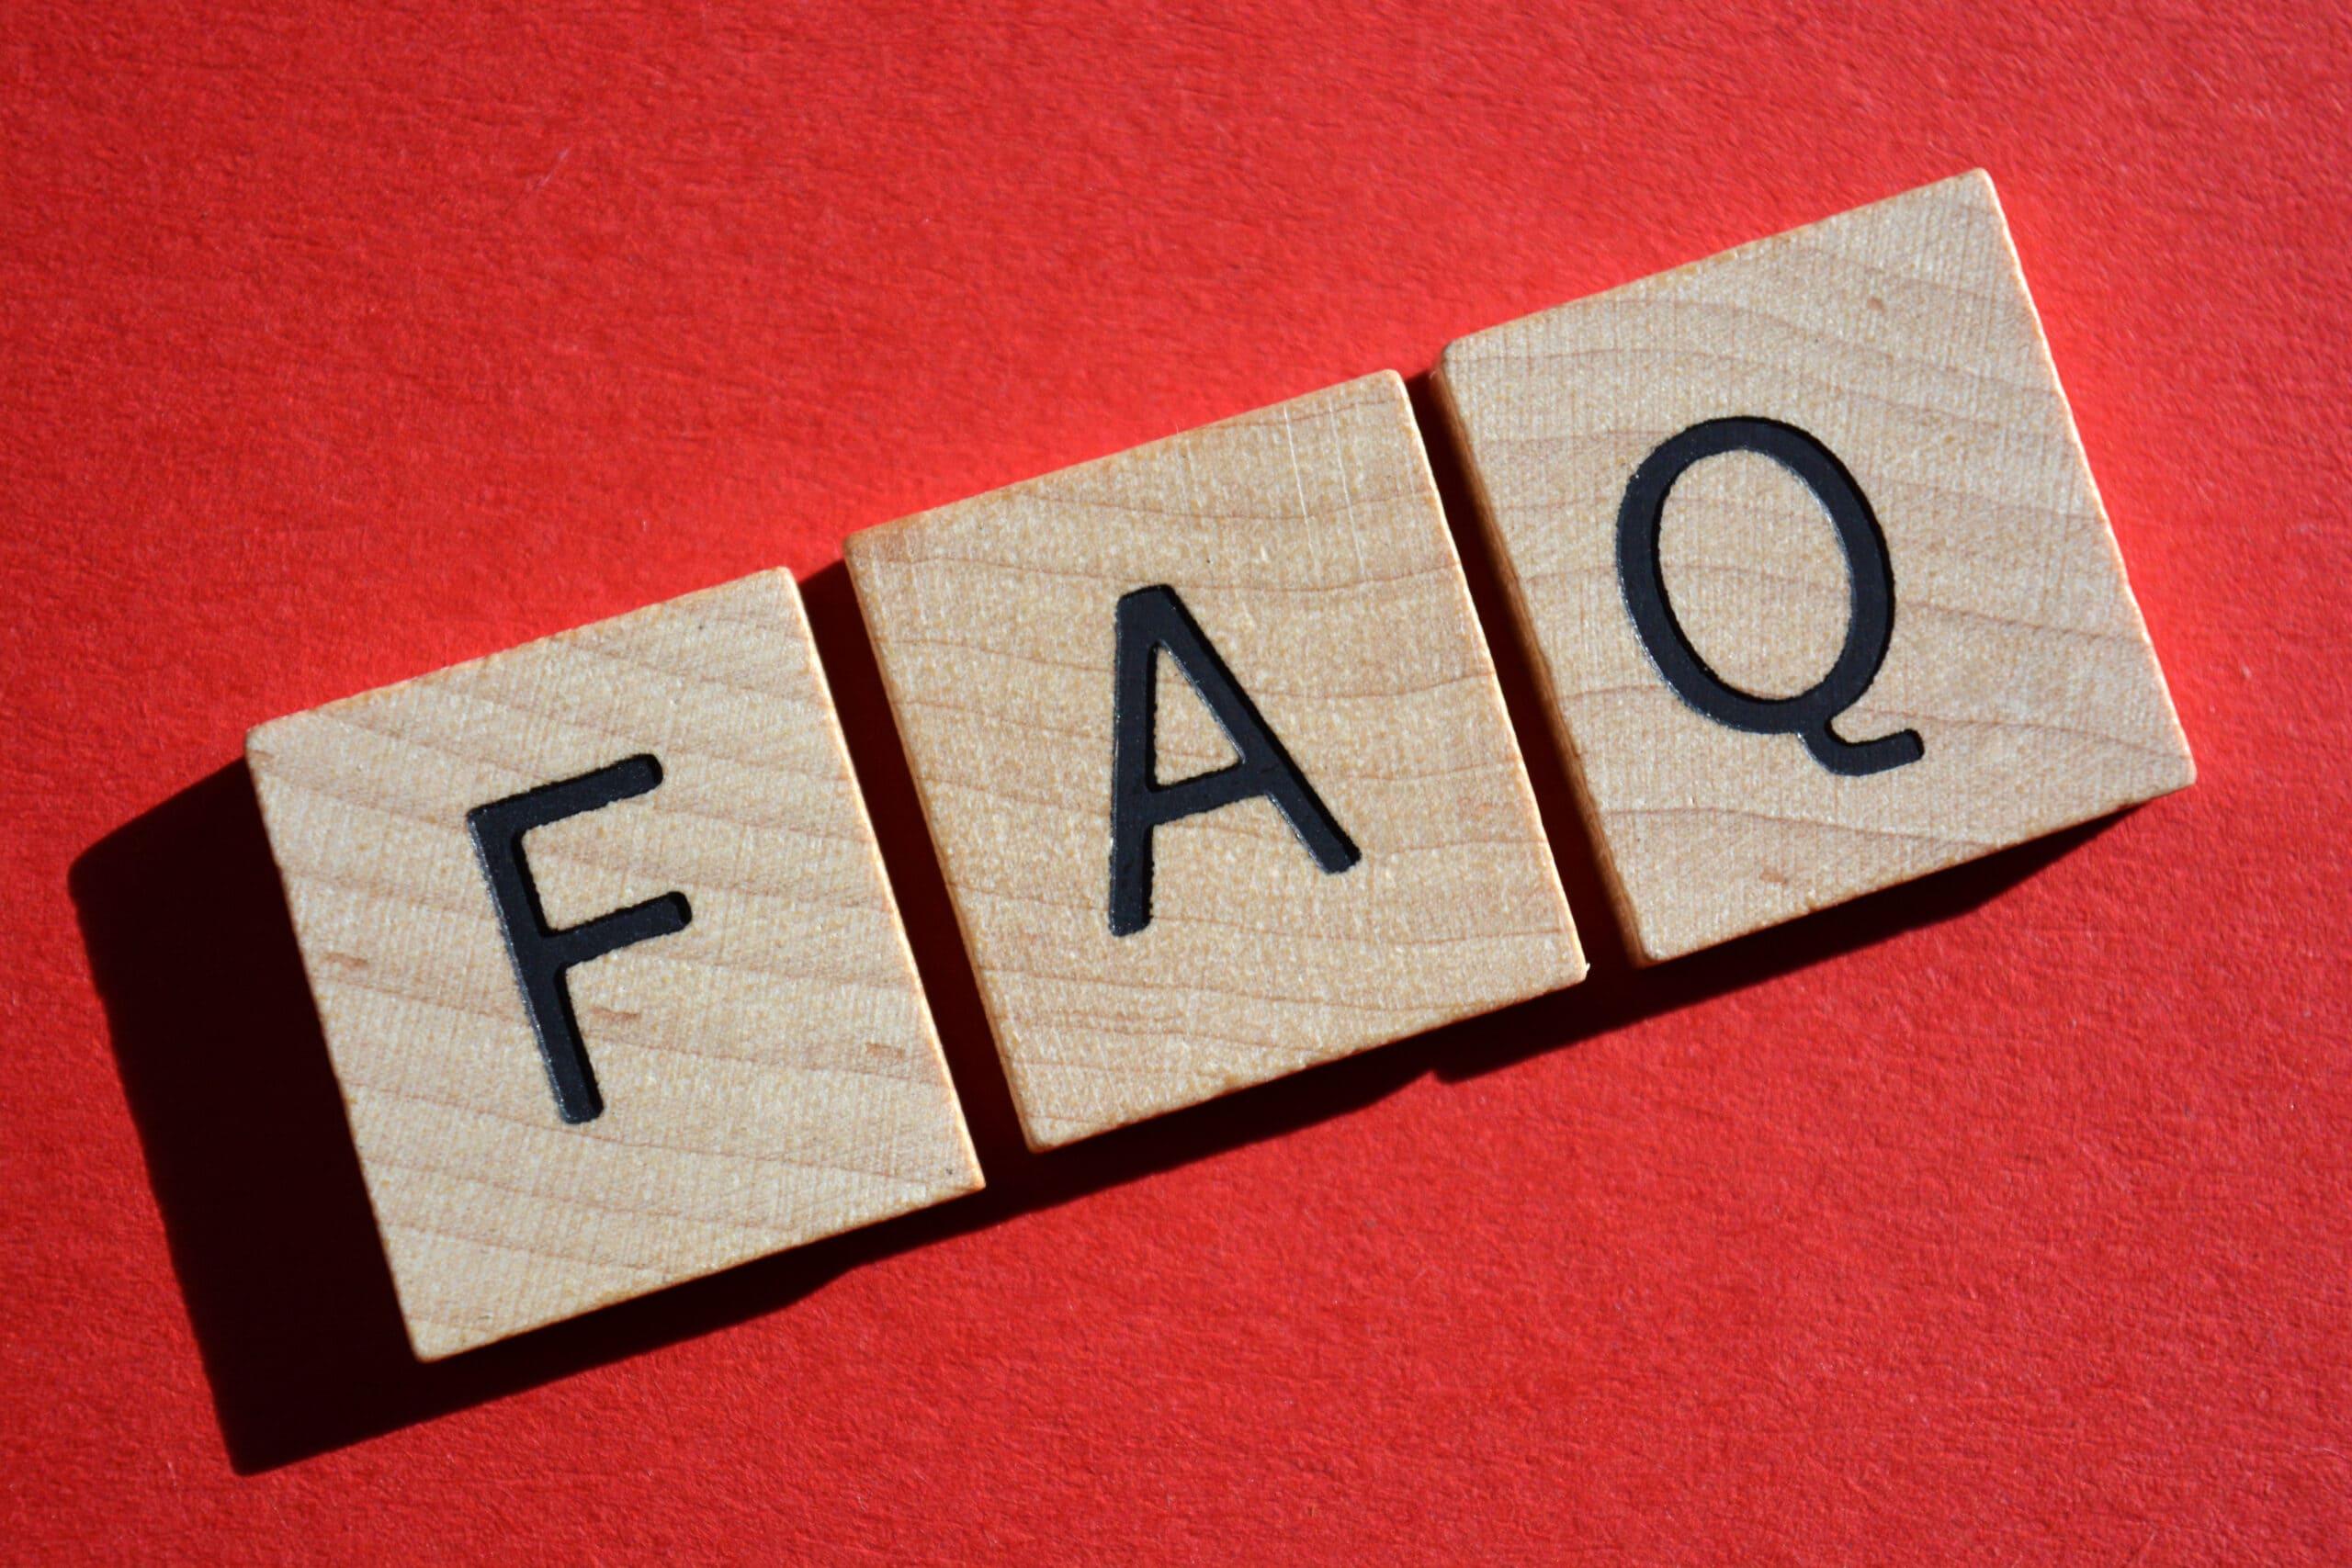 Veelgestelde vragen over reisverzekering in tijden van CORONA